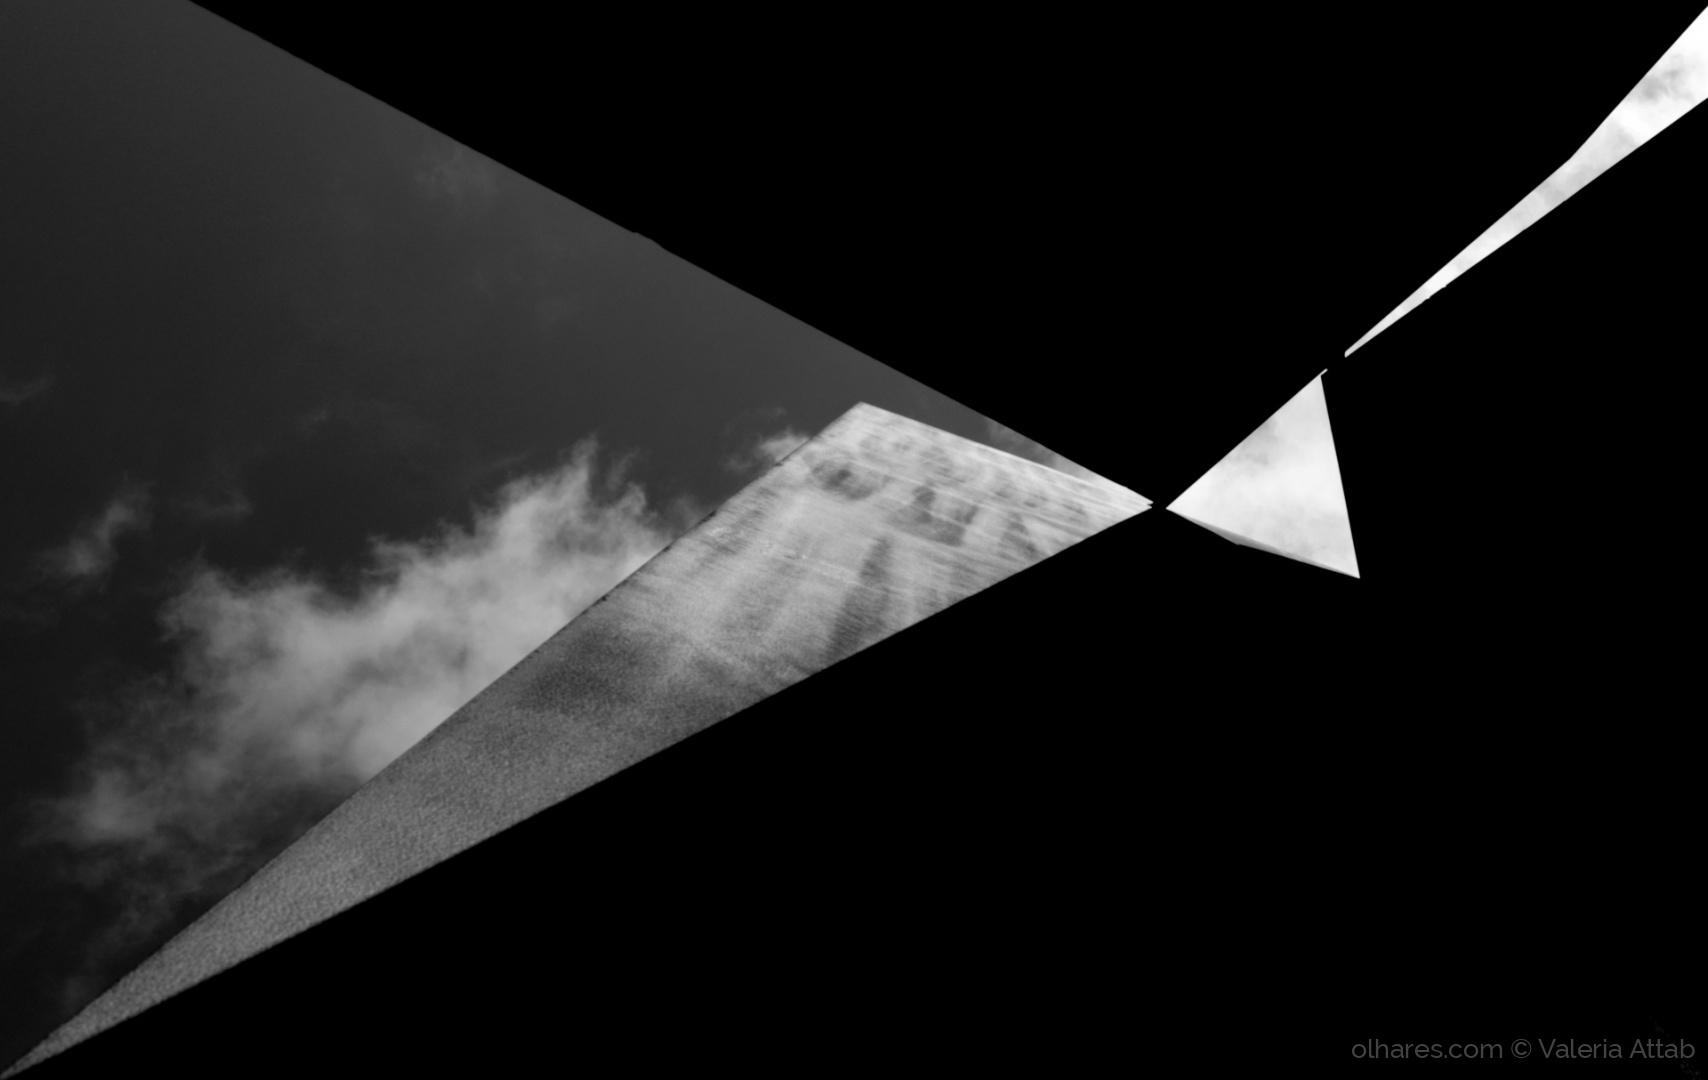 Arquitetura/interseções...